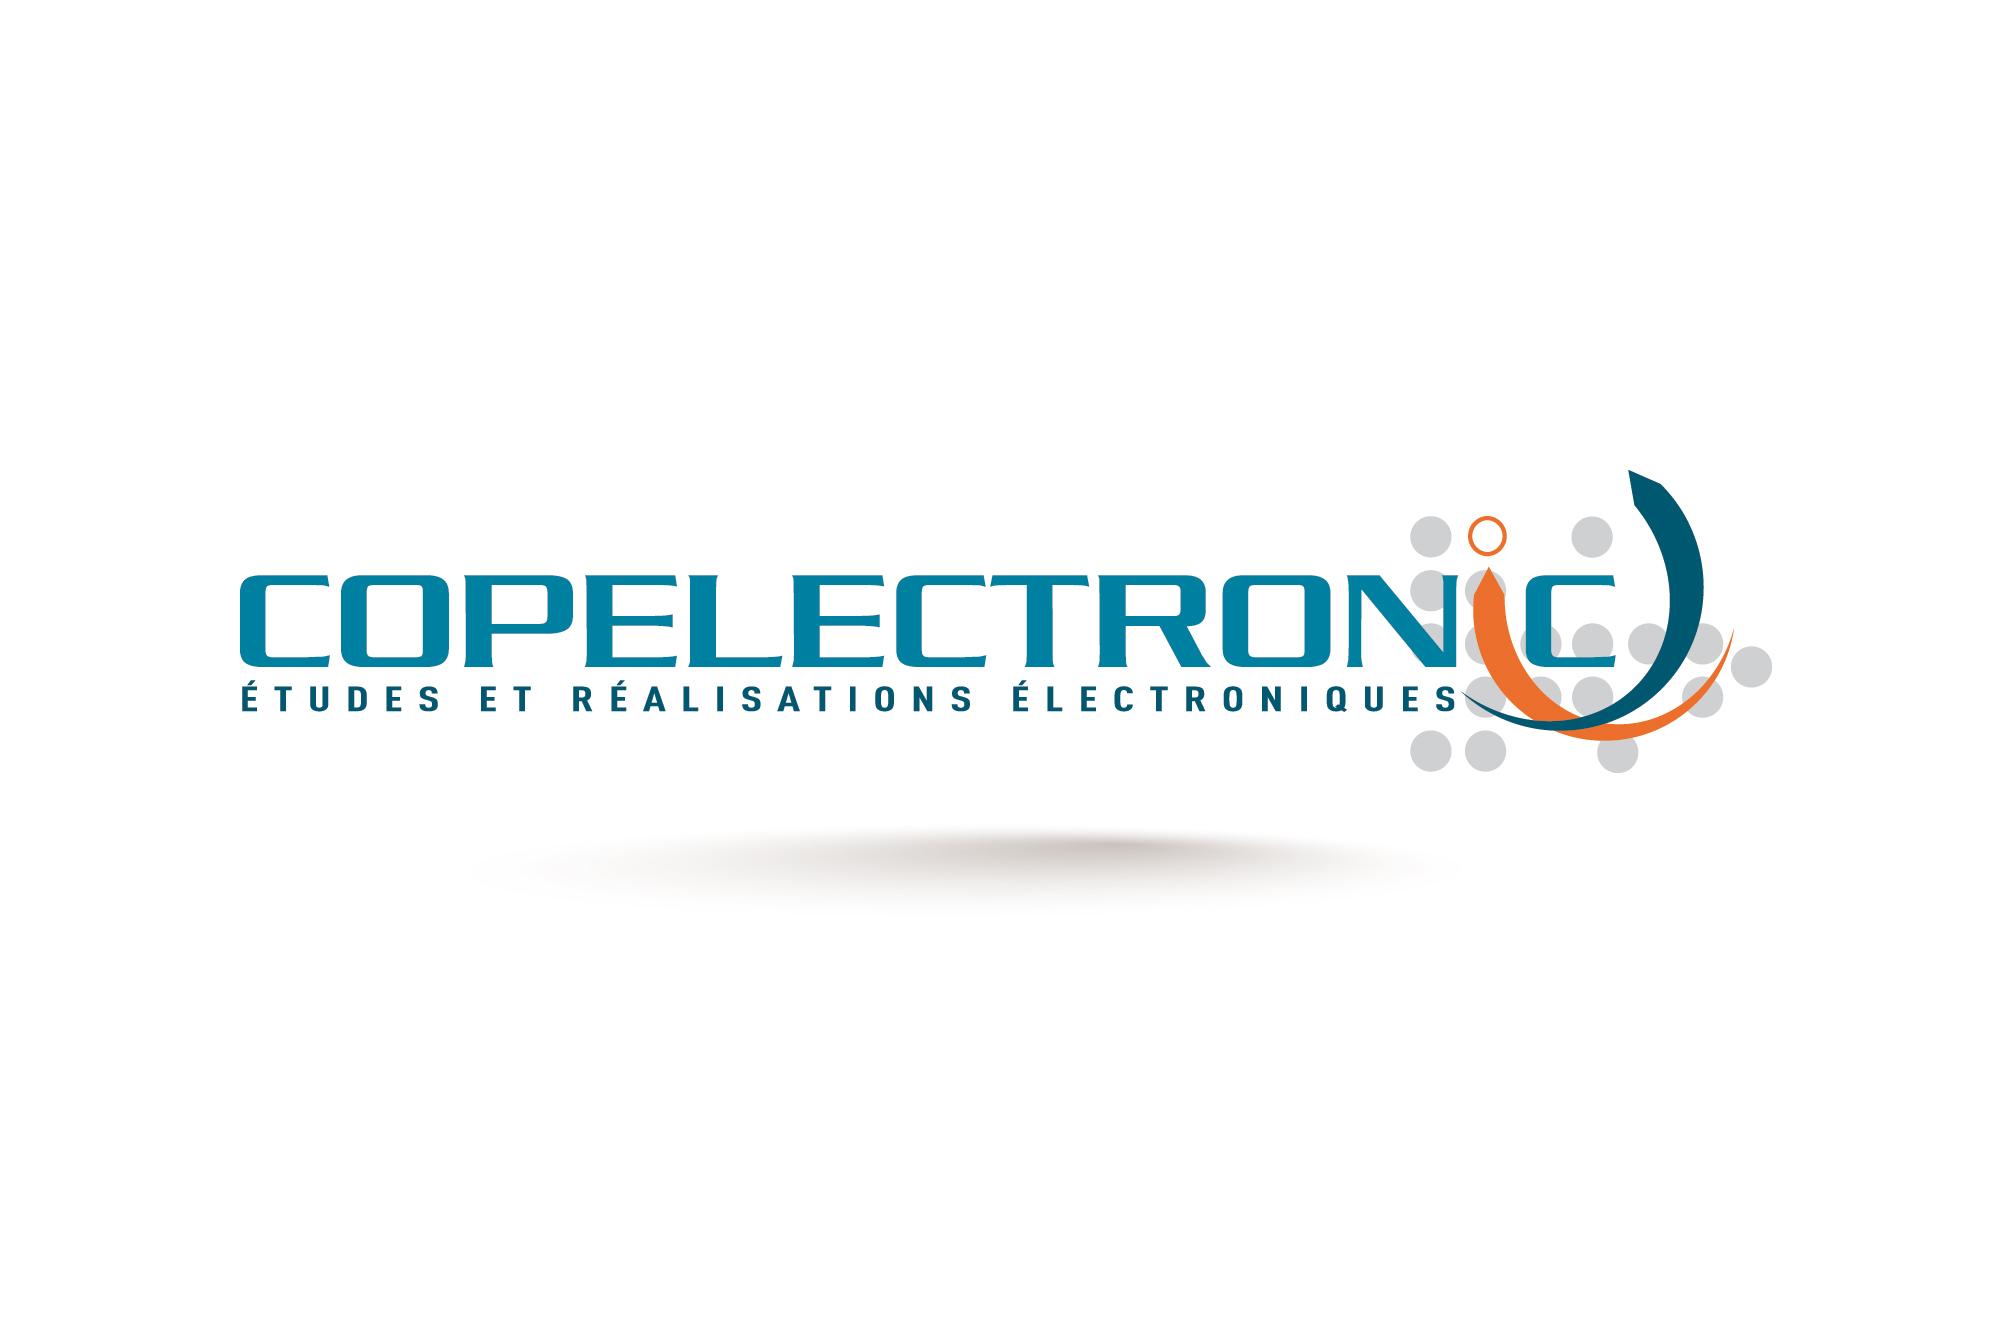 Logo Copelectronic